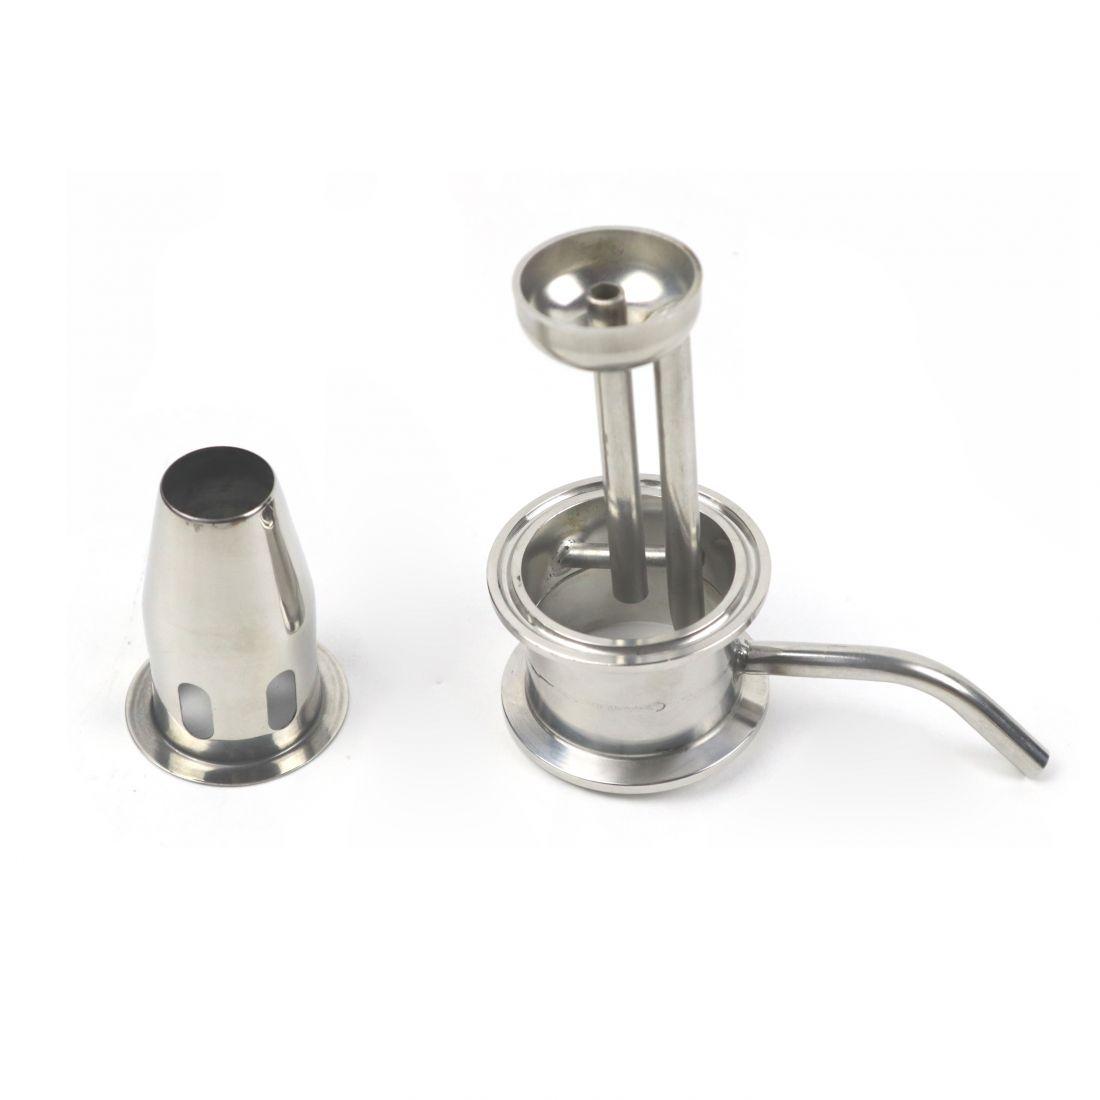 Комплект для узла отбора с чашкой, под диоптр, 2 дюйма